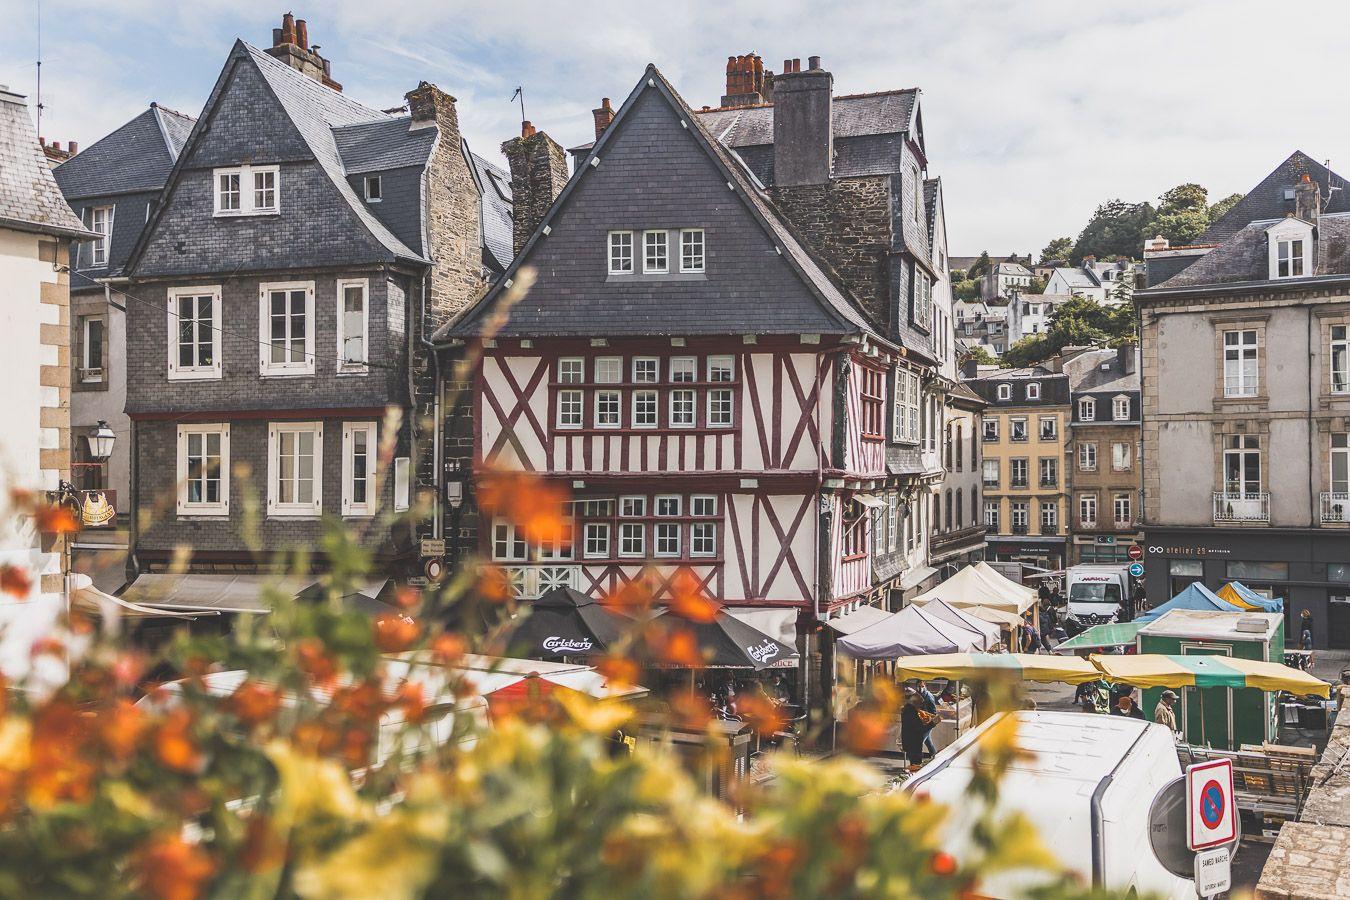 Place du marché à Morlaix, Finistère